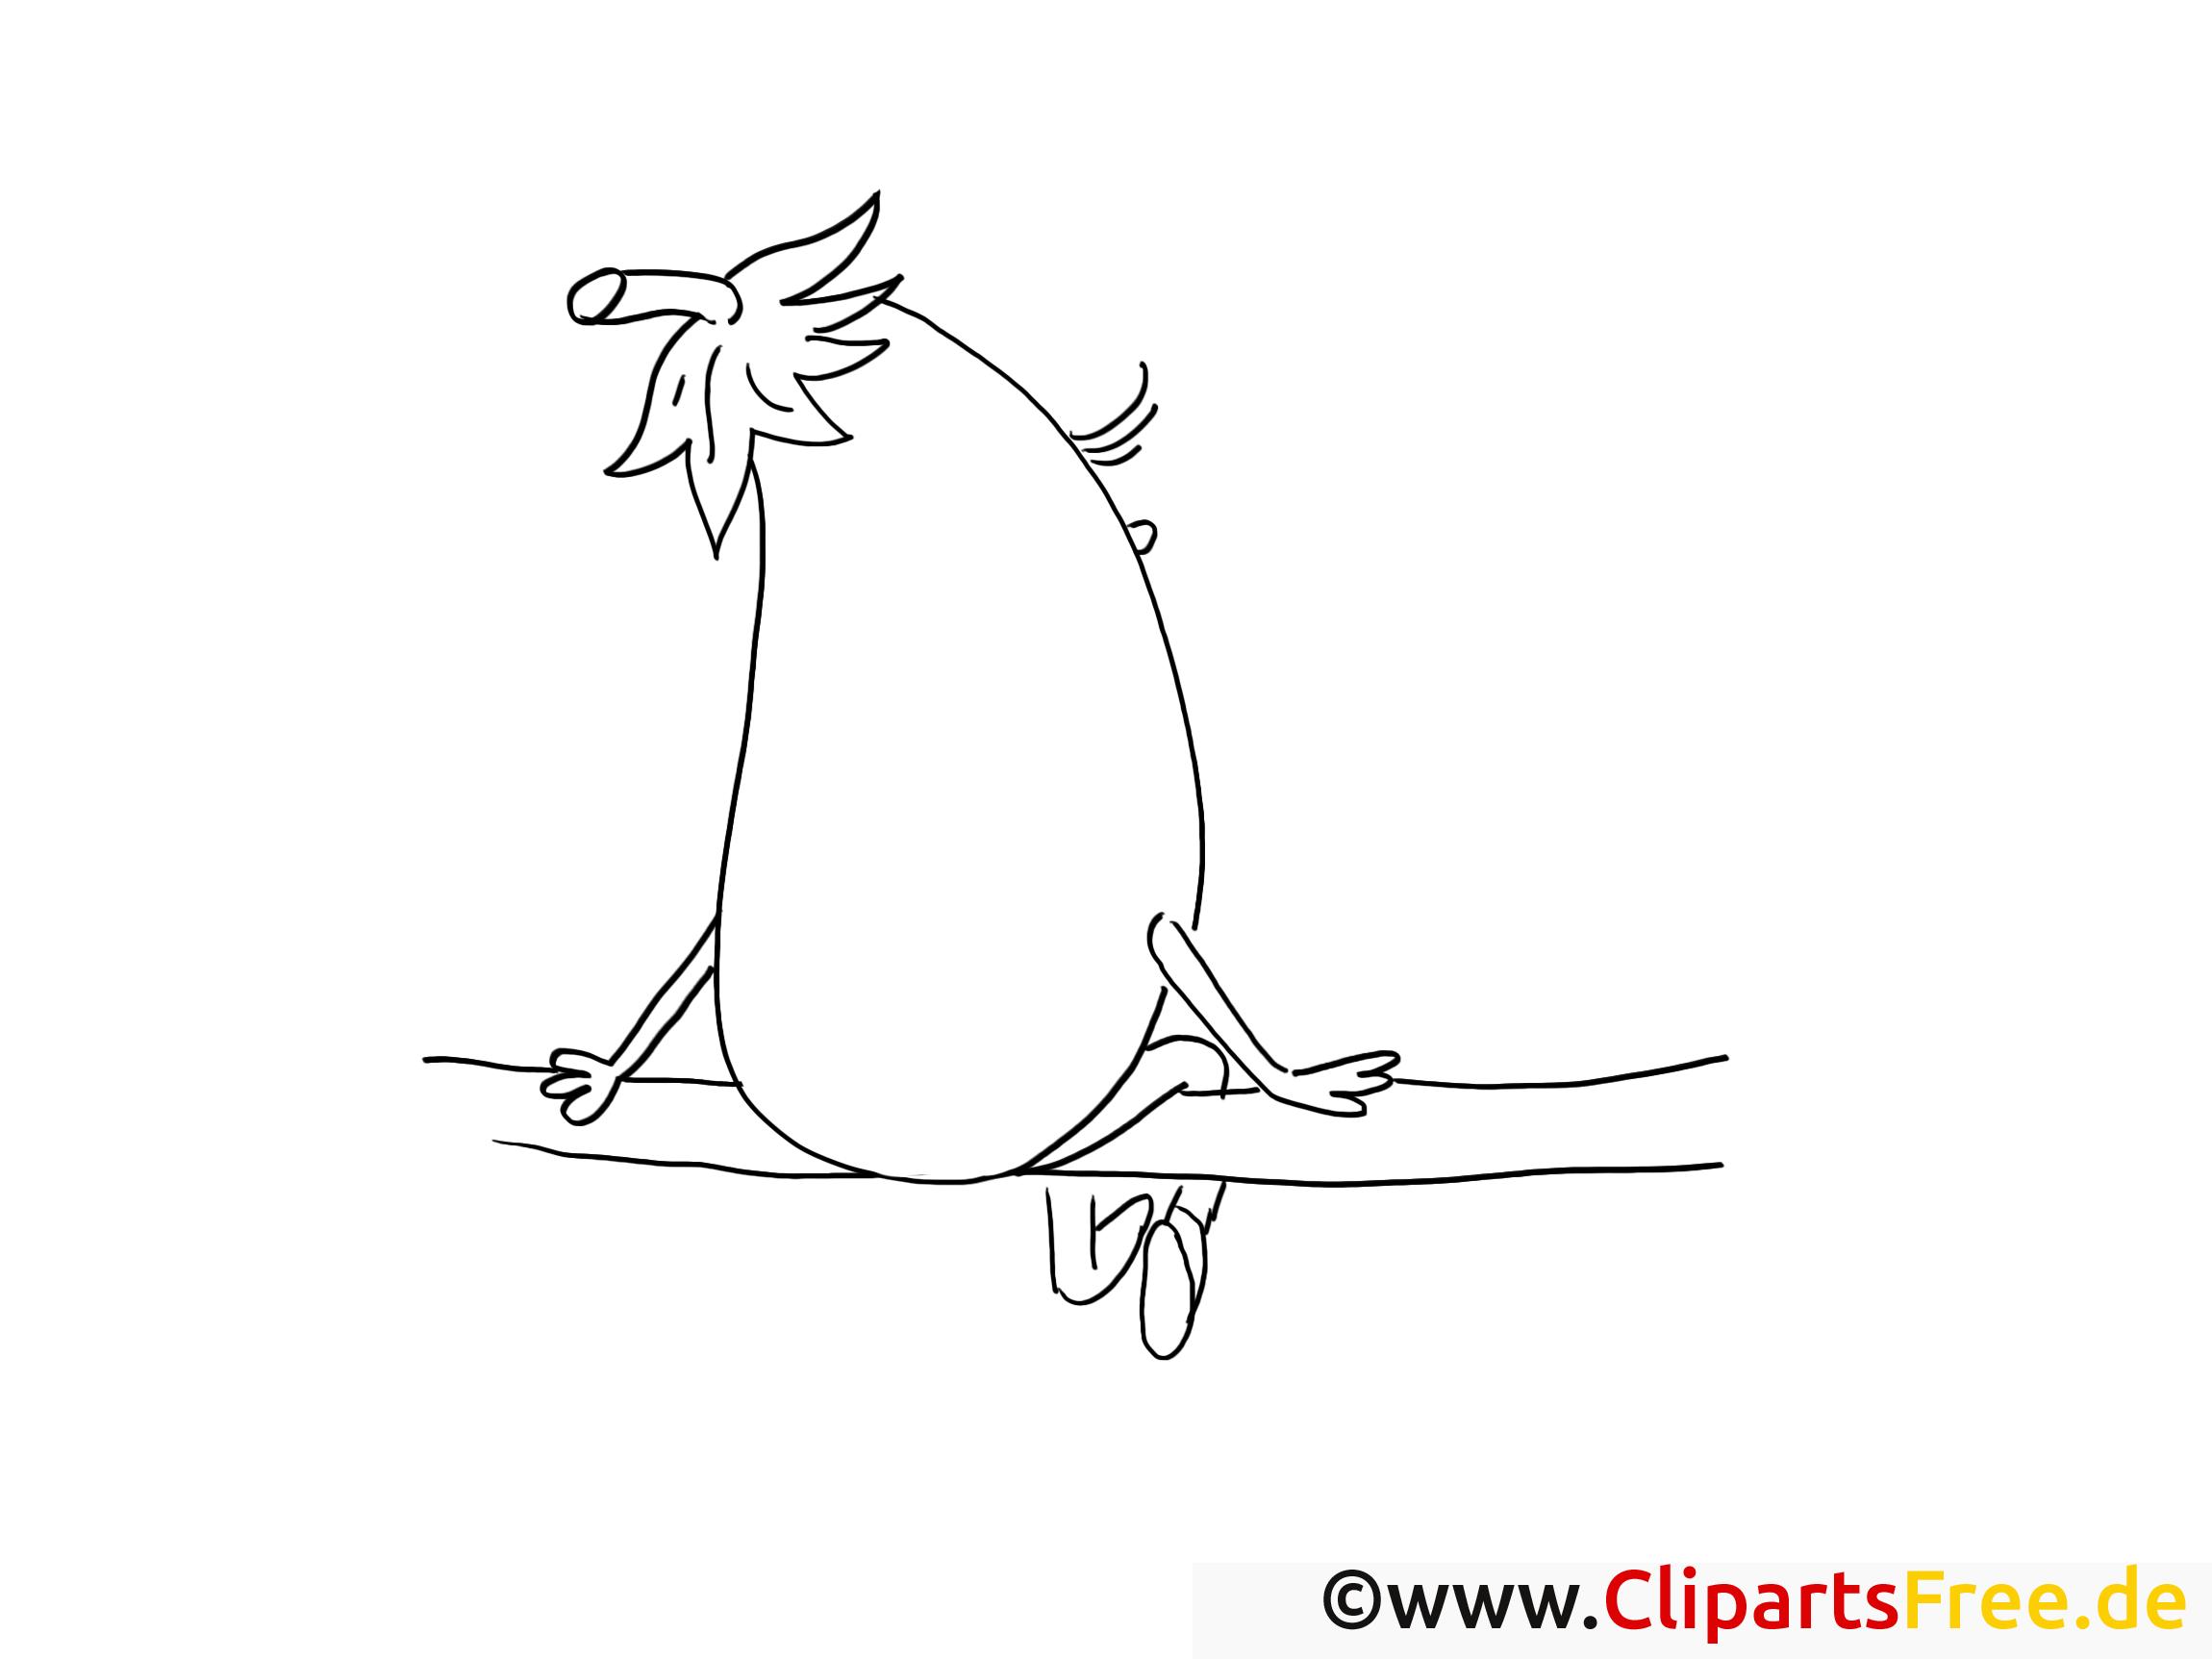 Aubergine dessins gratuits – Légumes à colorier